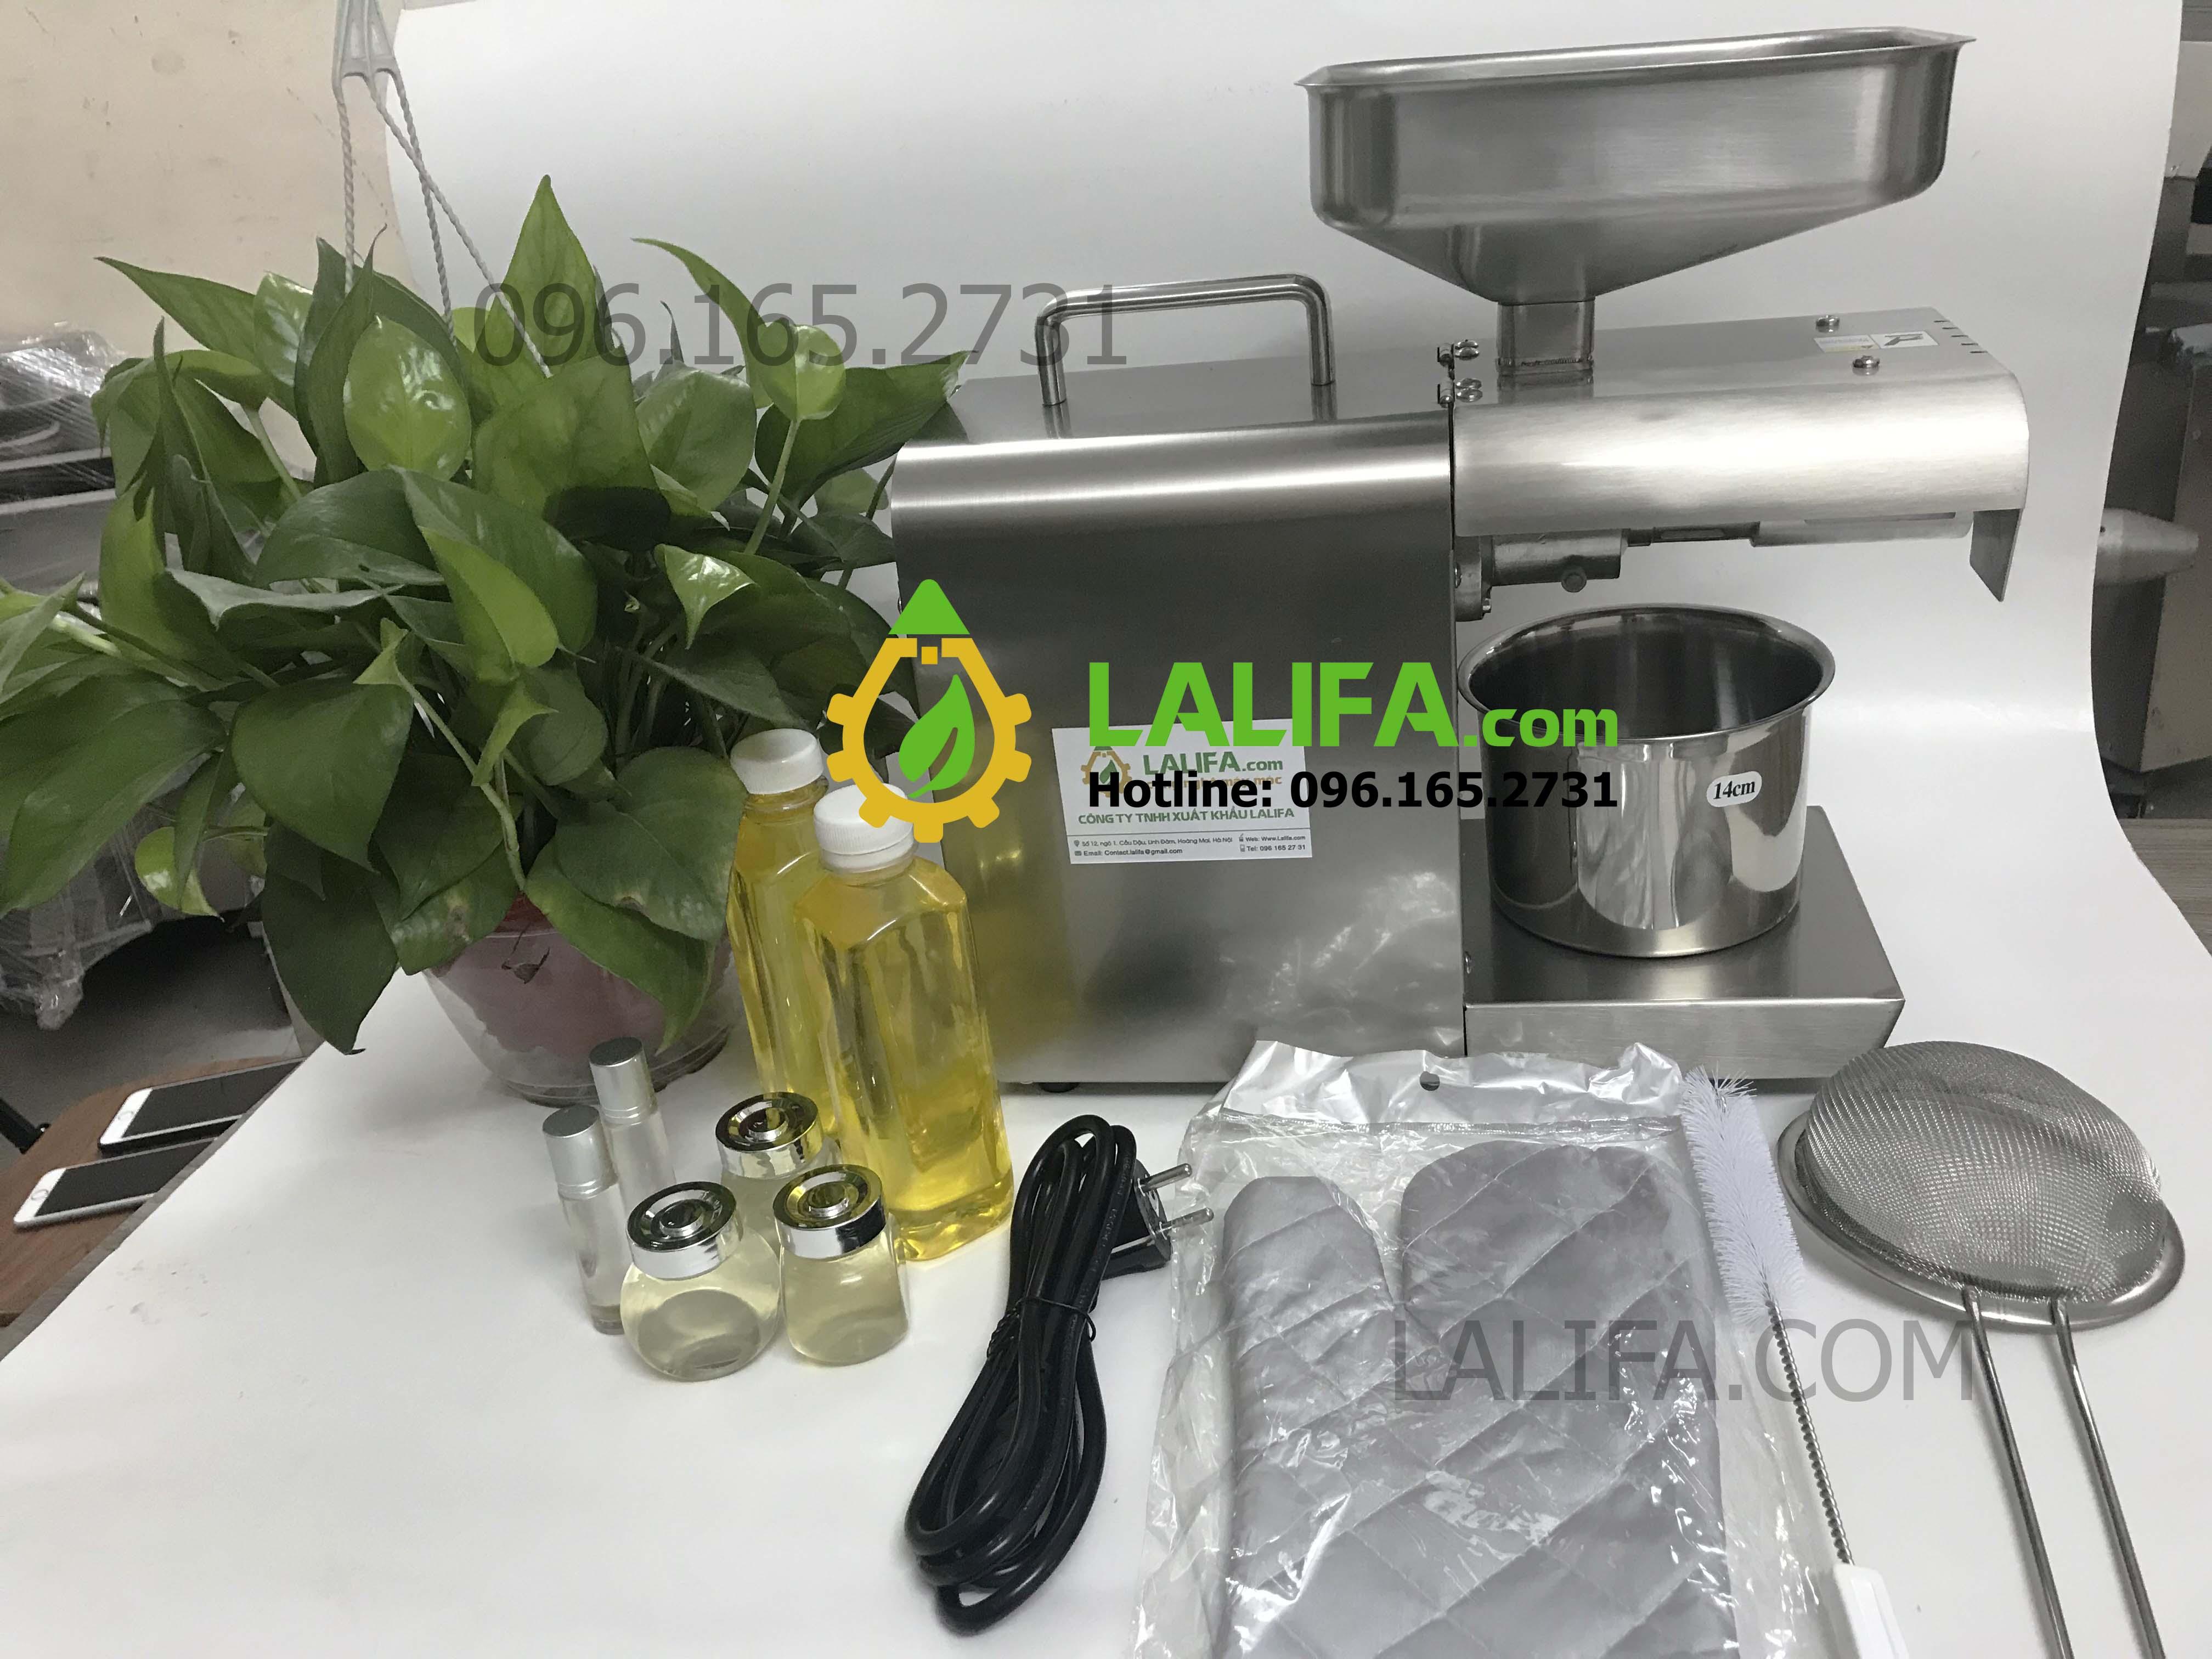 Máy ép dầu gia đình giá rẻ Lalifa8 - 8